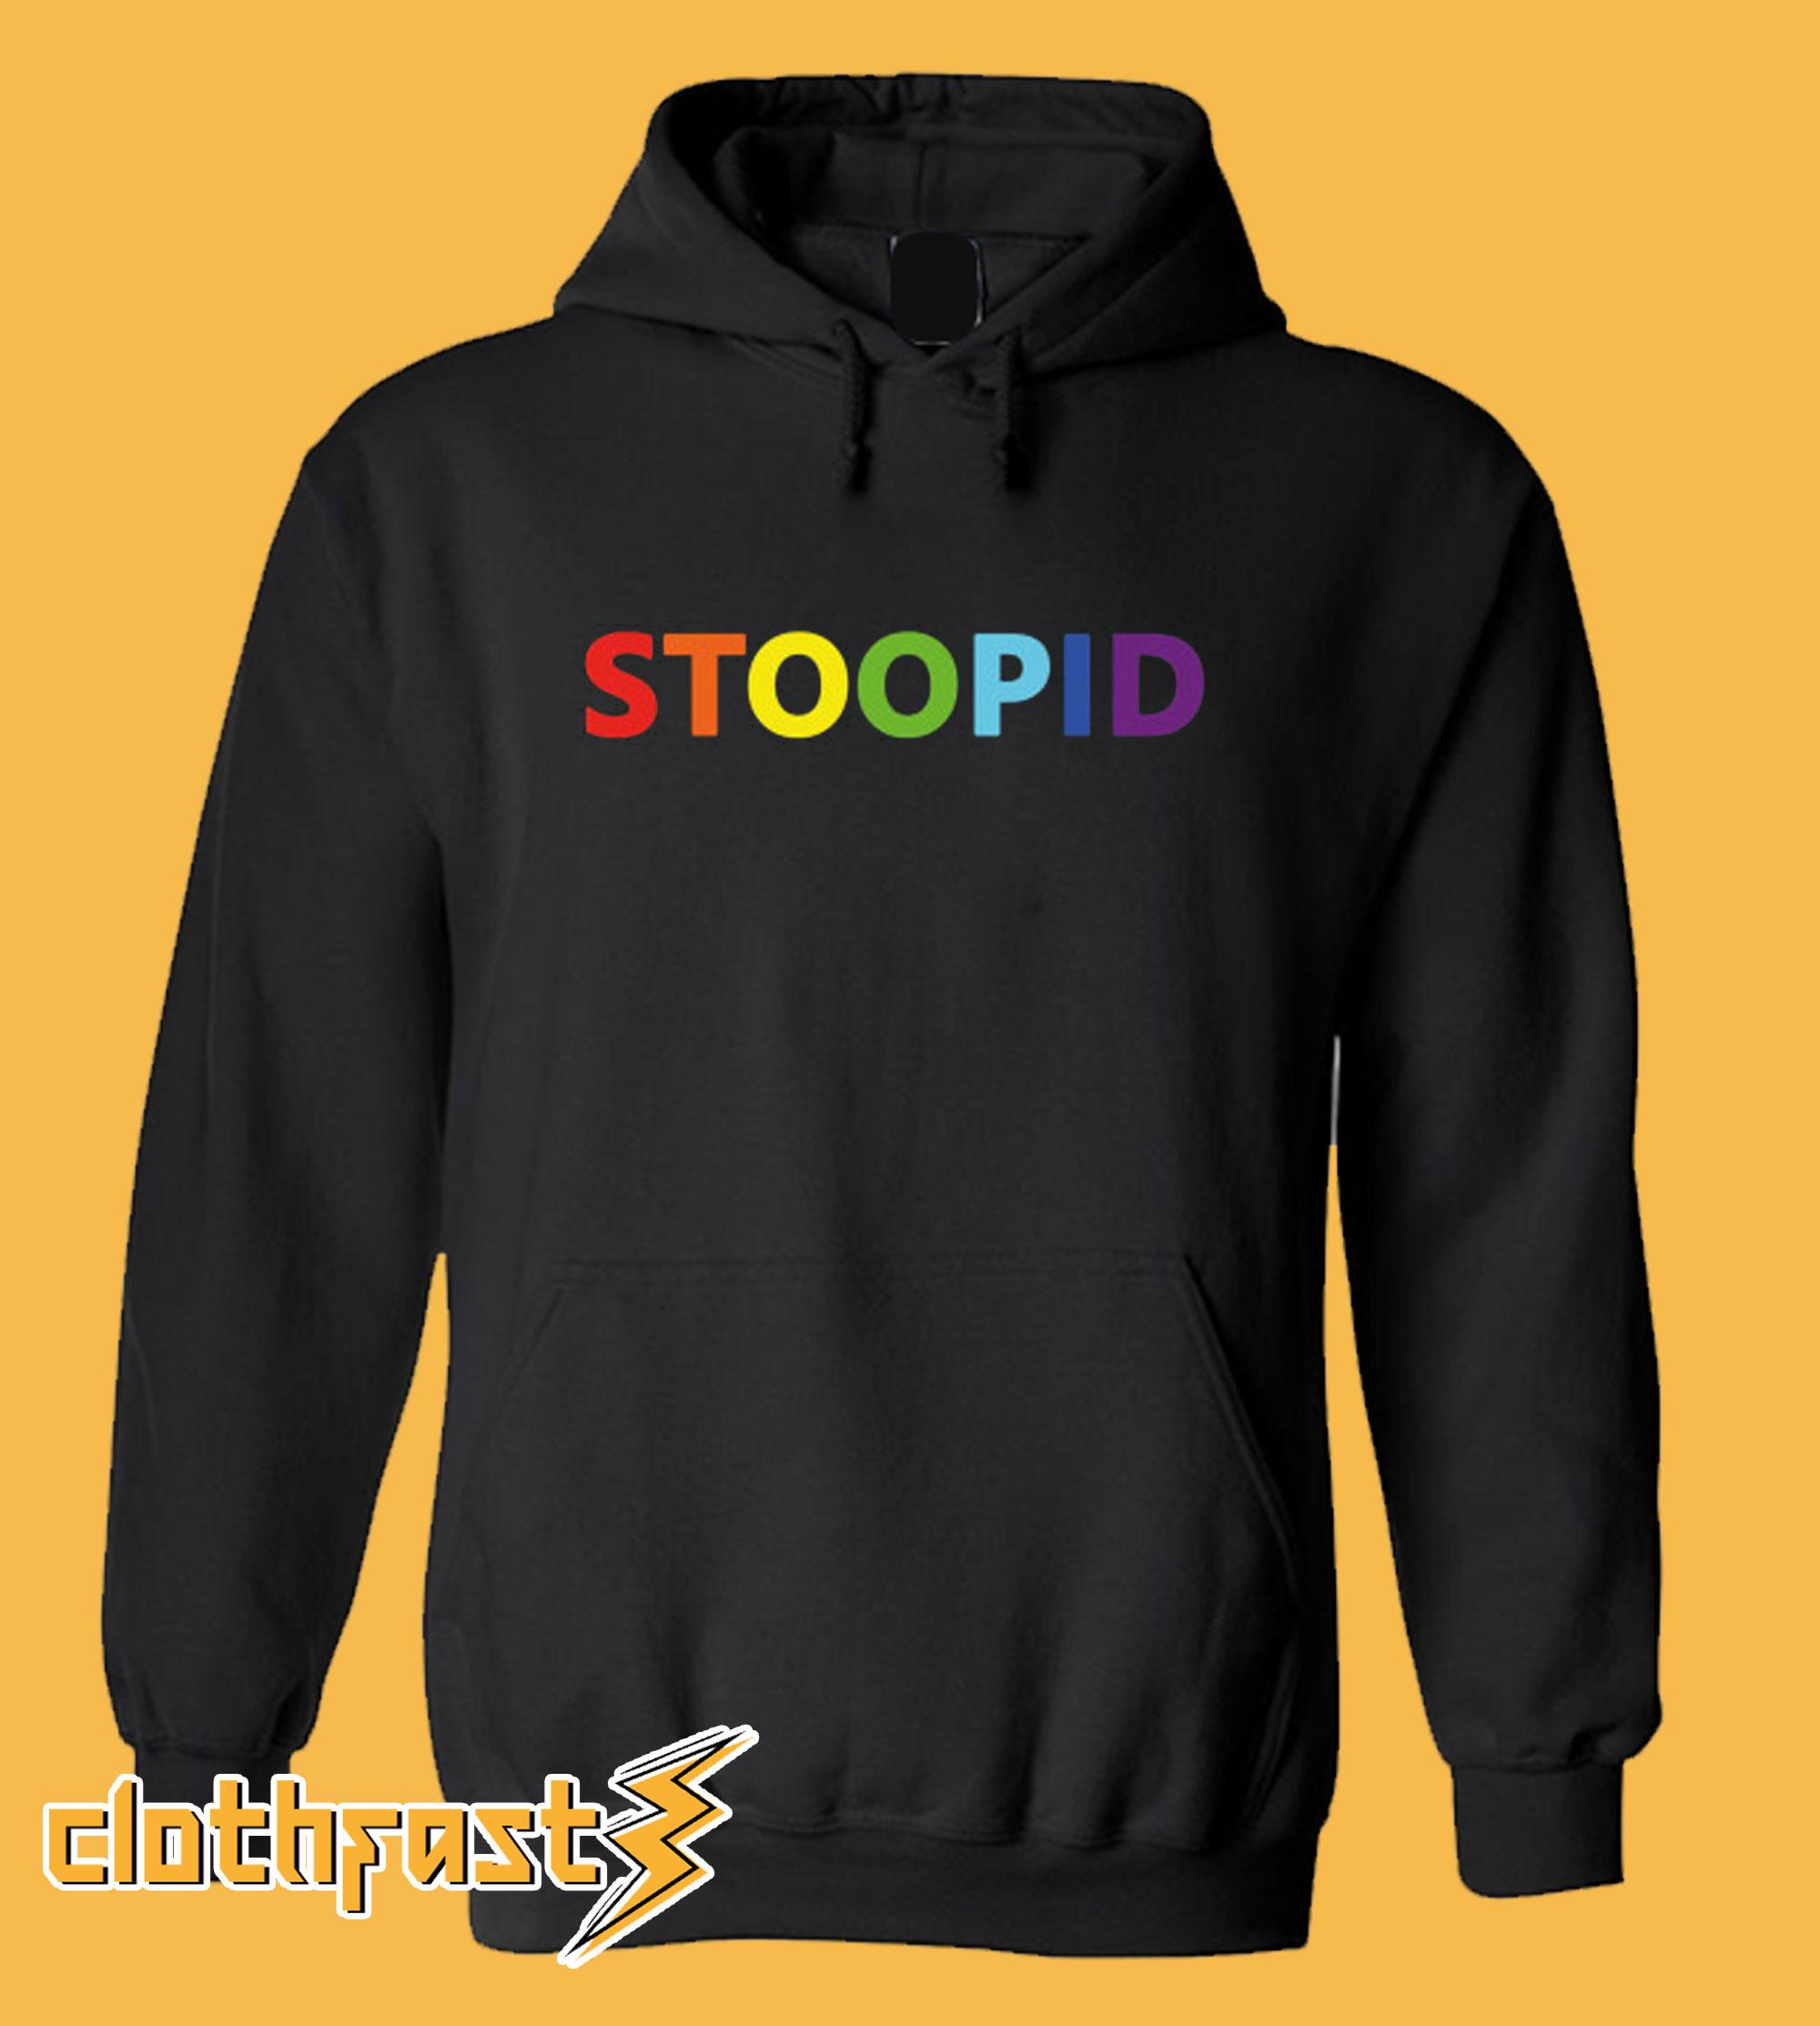 Stoopid Hoodie